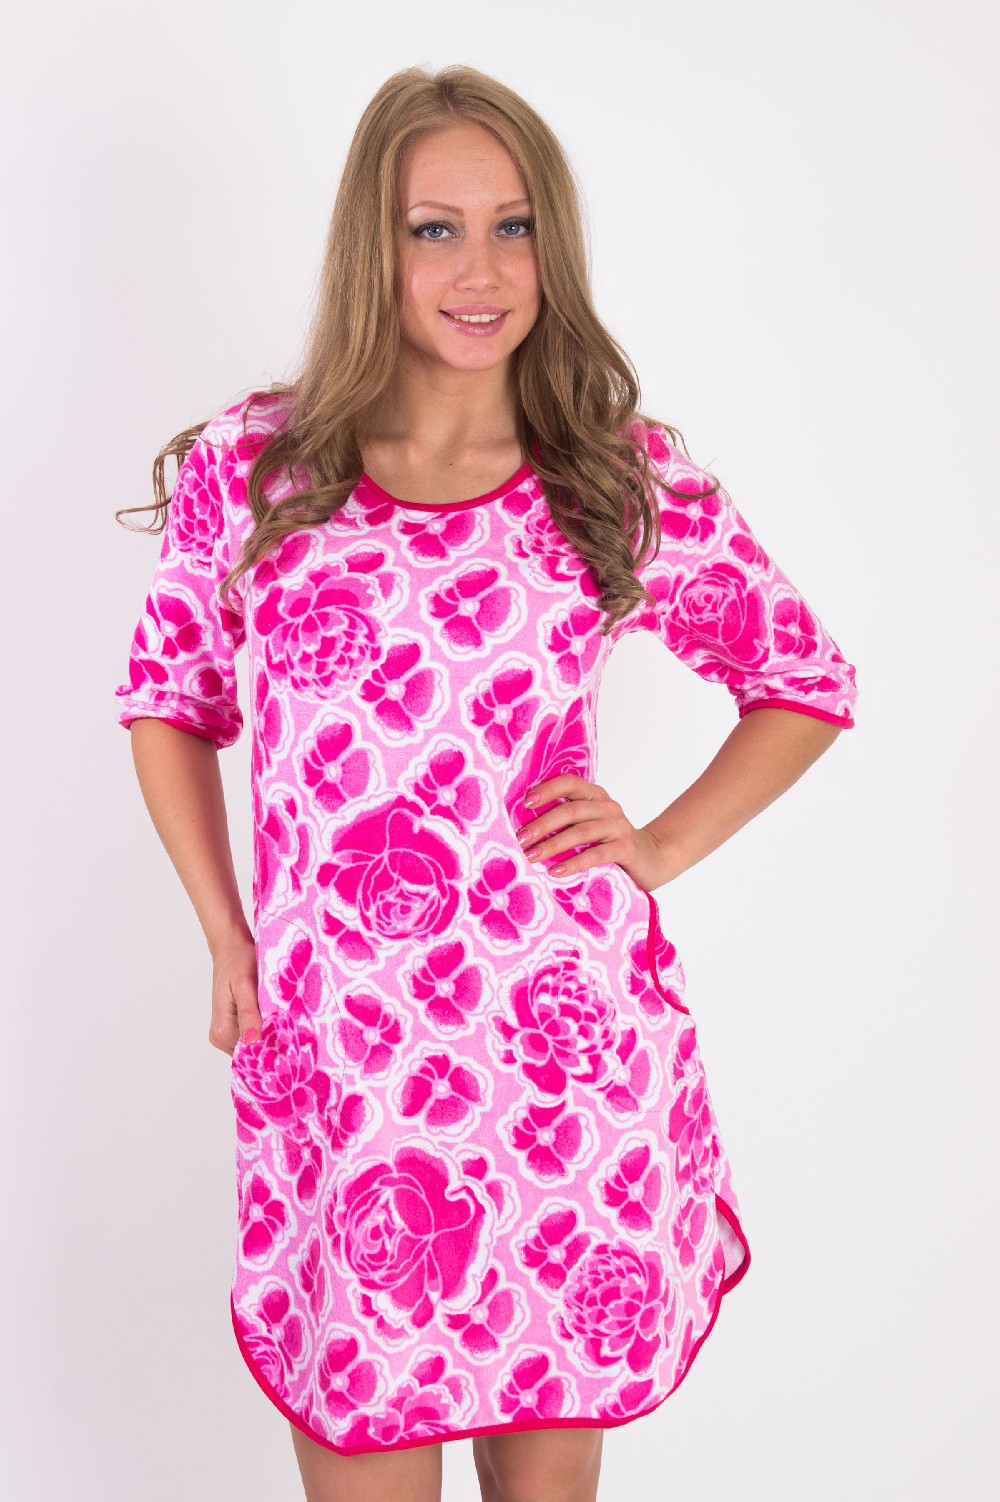 Сбор заказов. Женский трикотаж от Tailan ! Туники, водолазки, блузы, кофты, платья, ночные сороки , халаты и многое